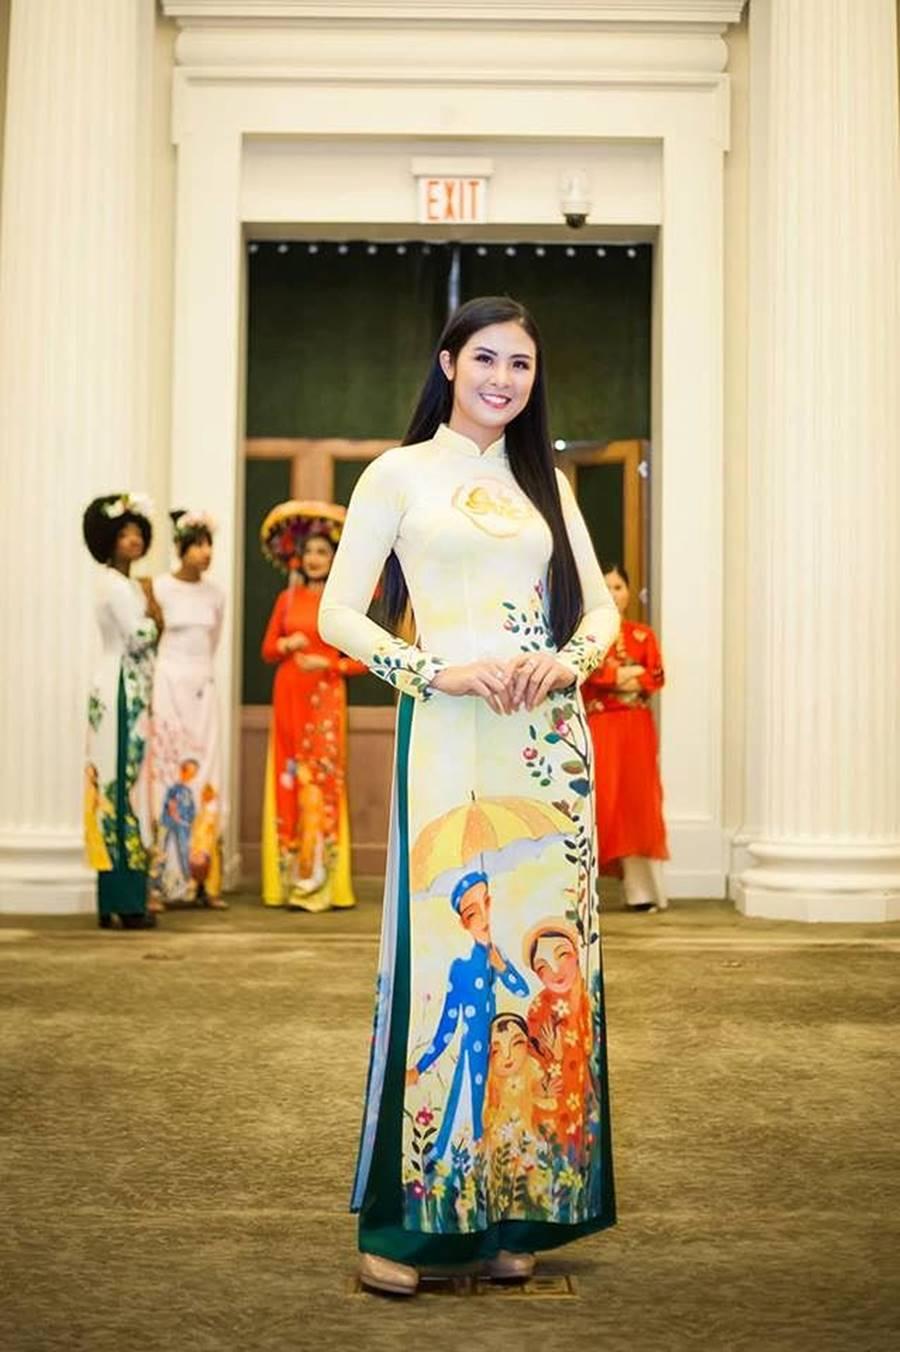 Hoa hậu Tiểu Vy, Á hậu Phương Nga đốn tim fans với váy áo lộng lẫy-11